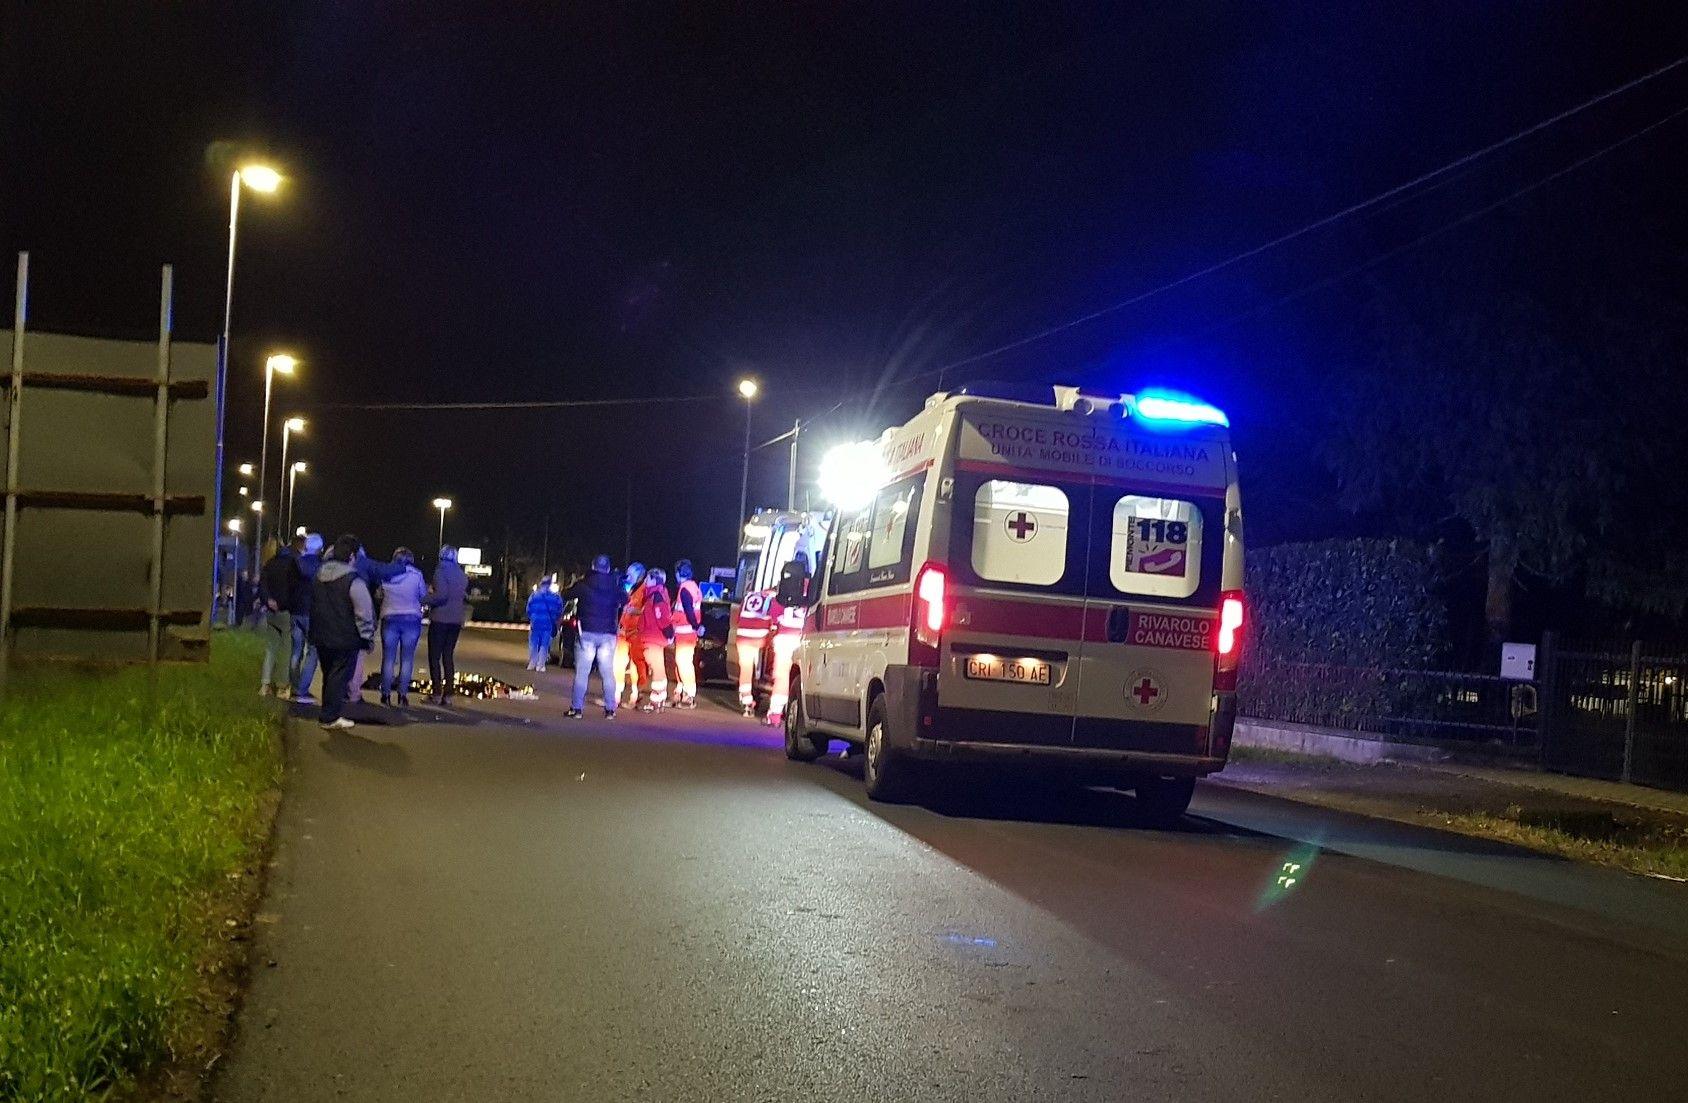 BUSANO - Viaggiava con la patente sospesa il 40enne che ha travolto e ucciso la pensionata davanti a casa